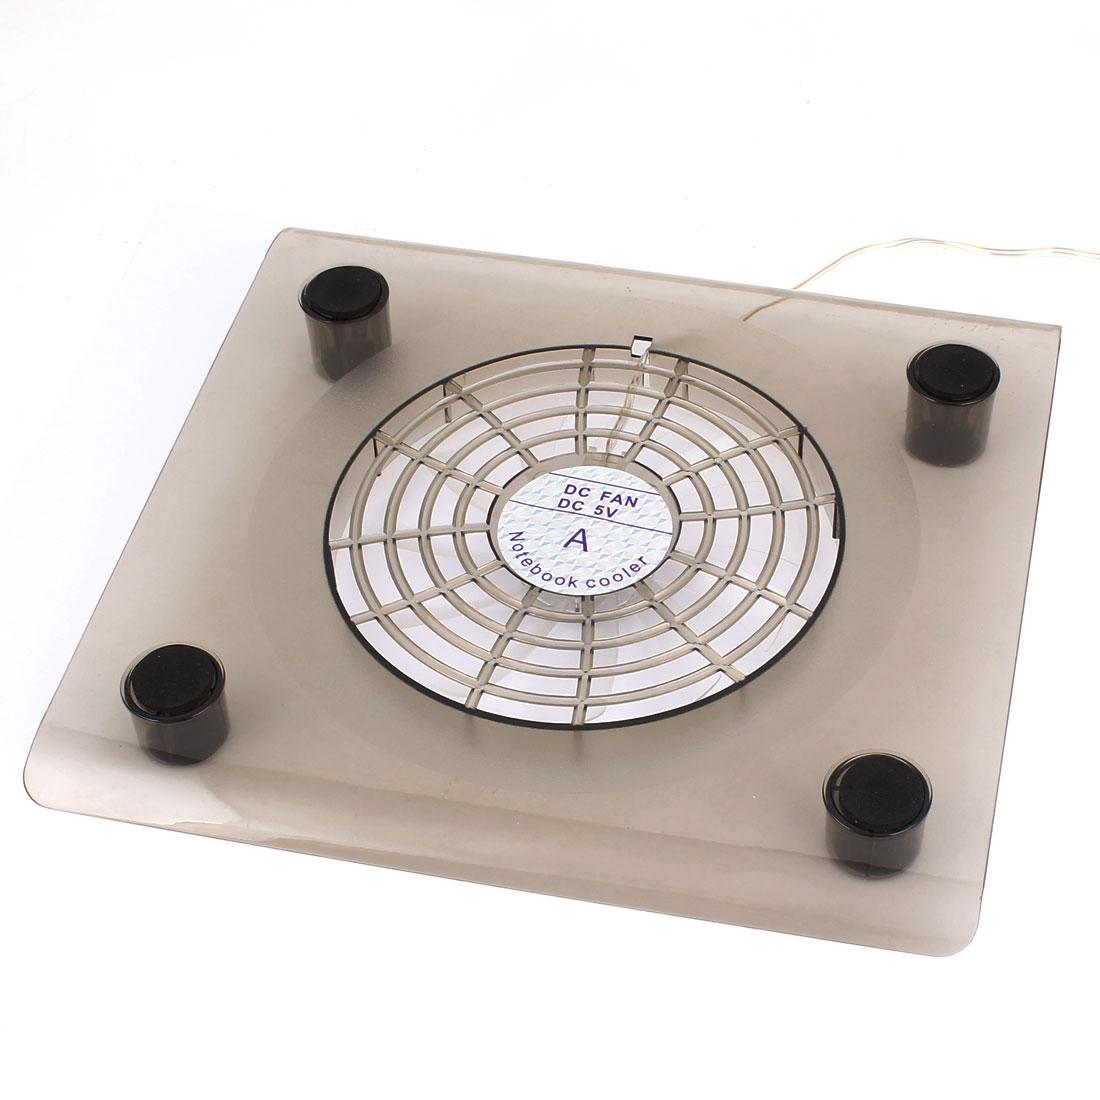 USB 2.0 13.5cm Dia Single Fan 2 LED Lamp Laptop Cooling Pad Gray